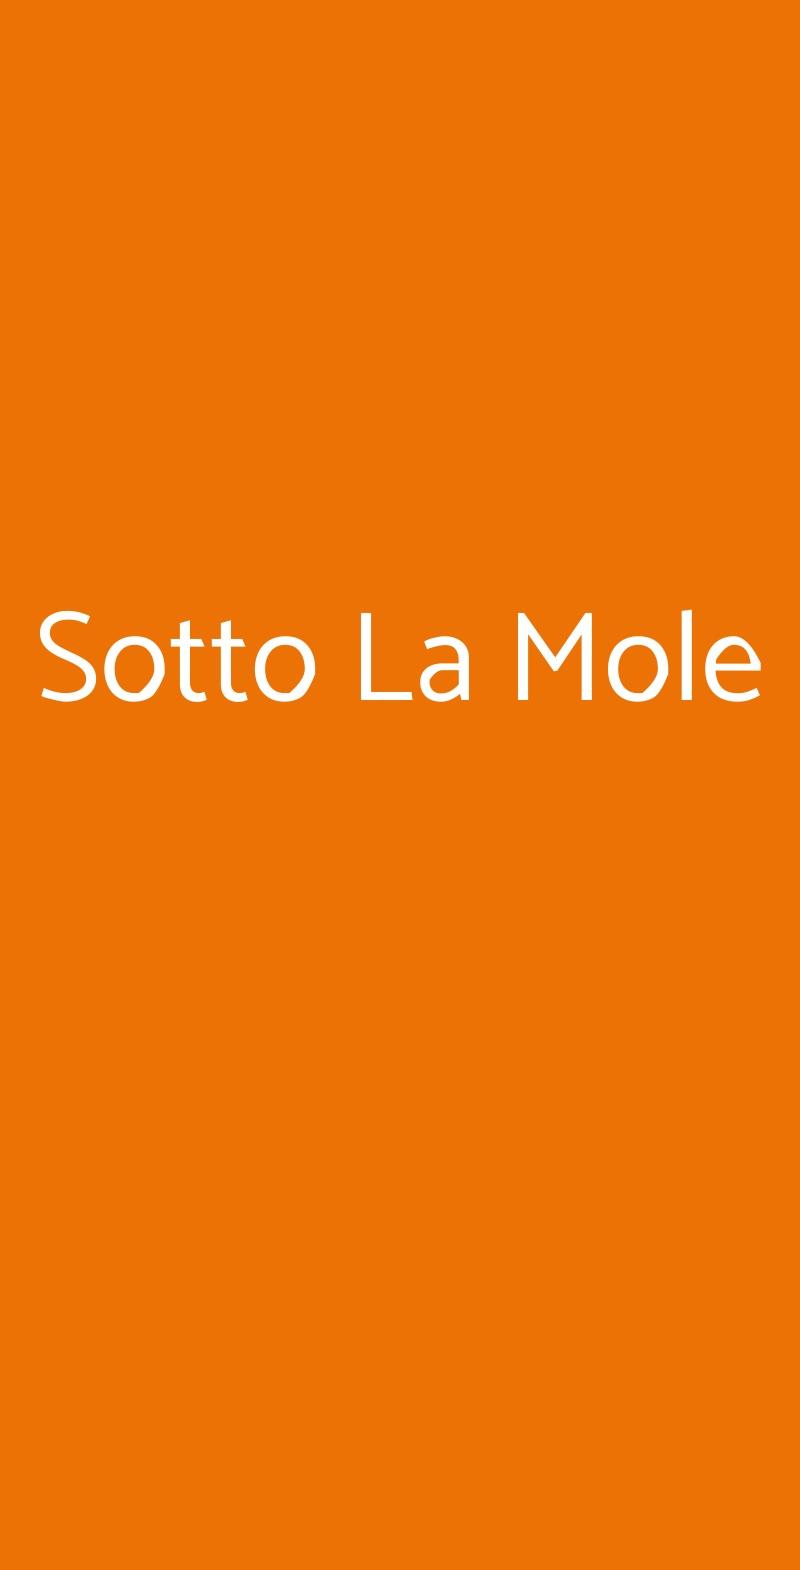 Sotto La Mole Torino menù 1 pagina